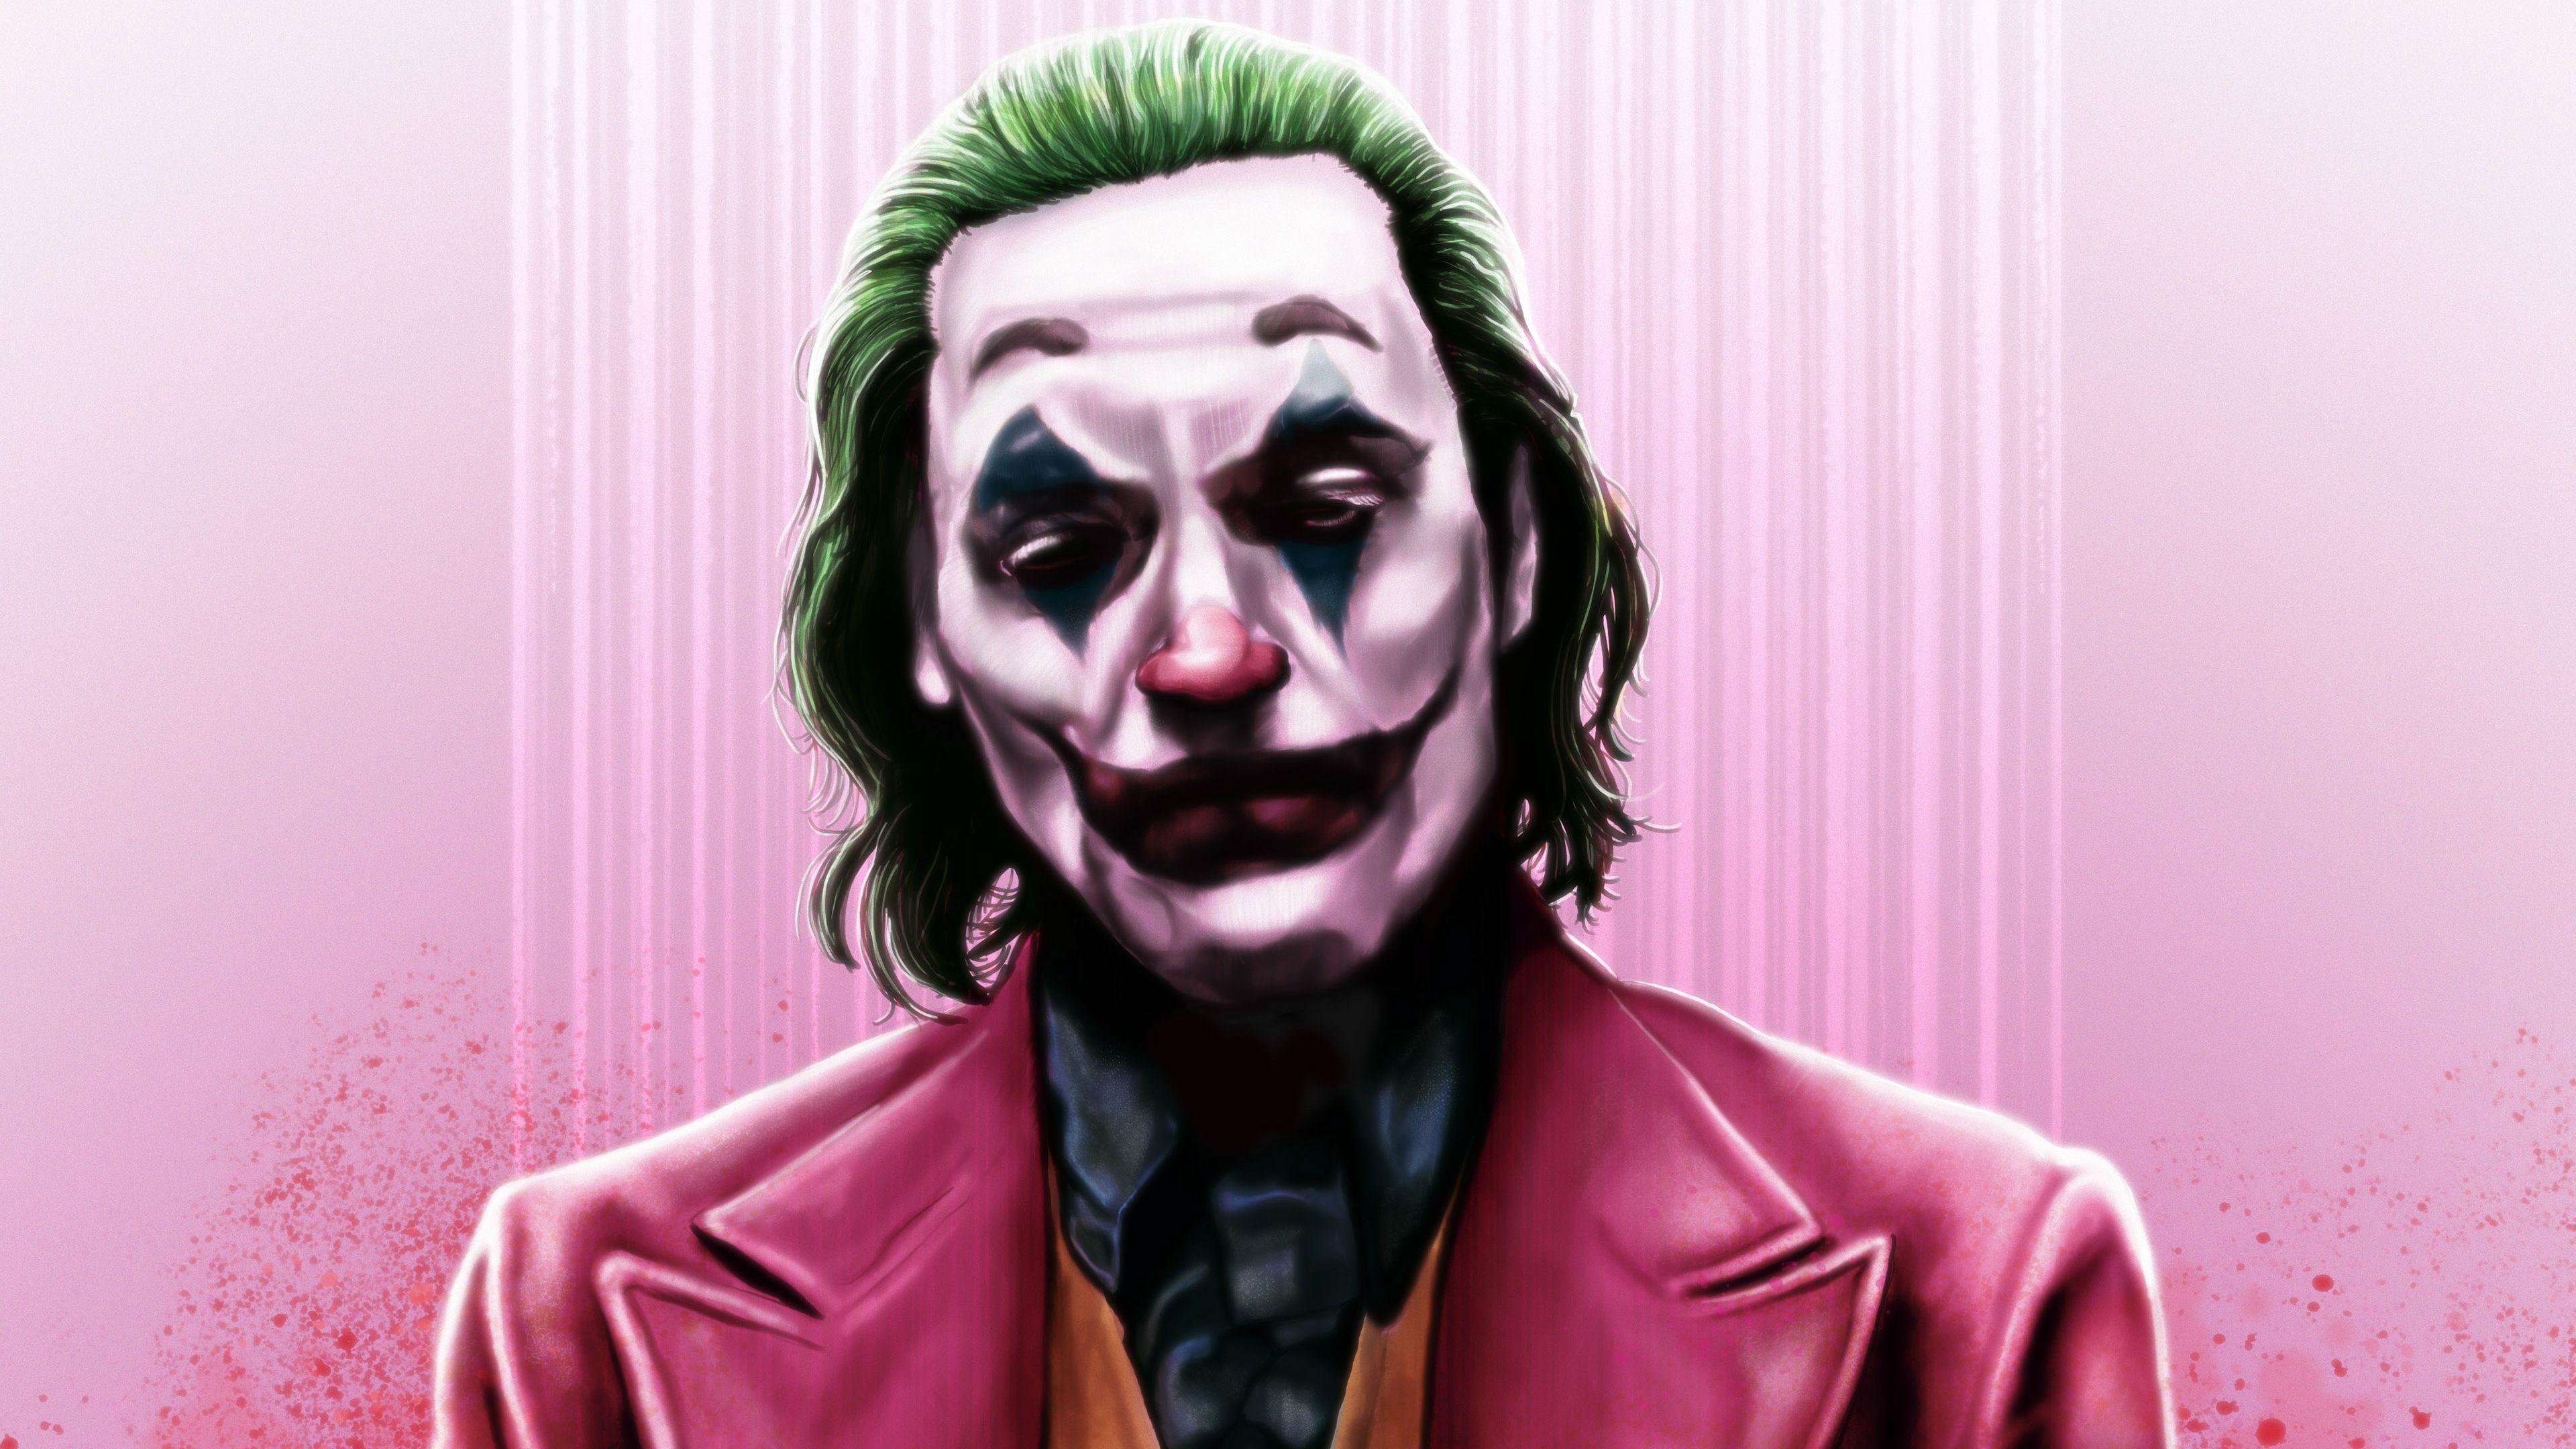 Joker Joaquin Phoenix 4k Art Supervillain Wallpapers Superheroes Wallpapers Joker Wallpapers Joker Movie Wallpaper Joker Wallpapers Joker Joker Hd Wallpaper